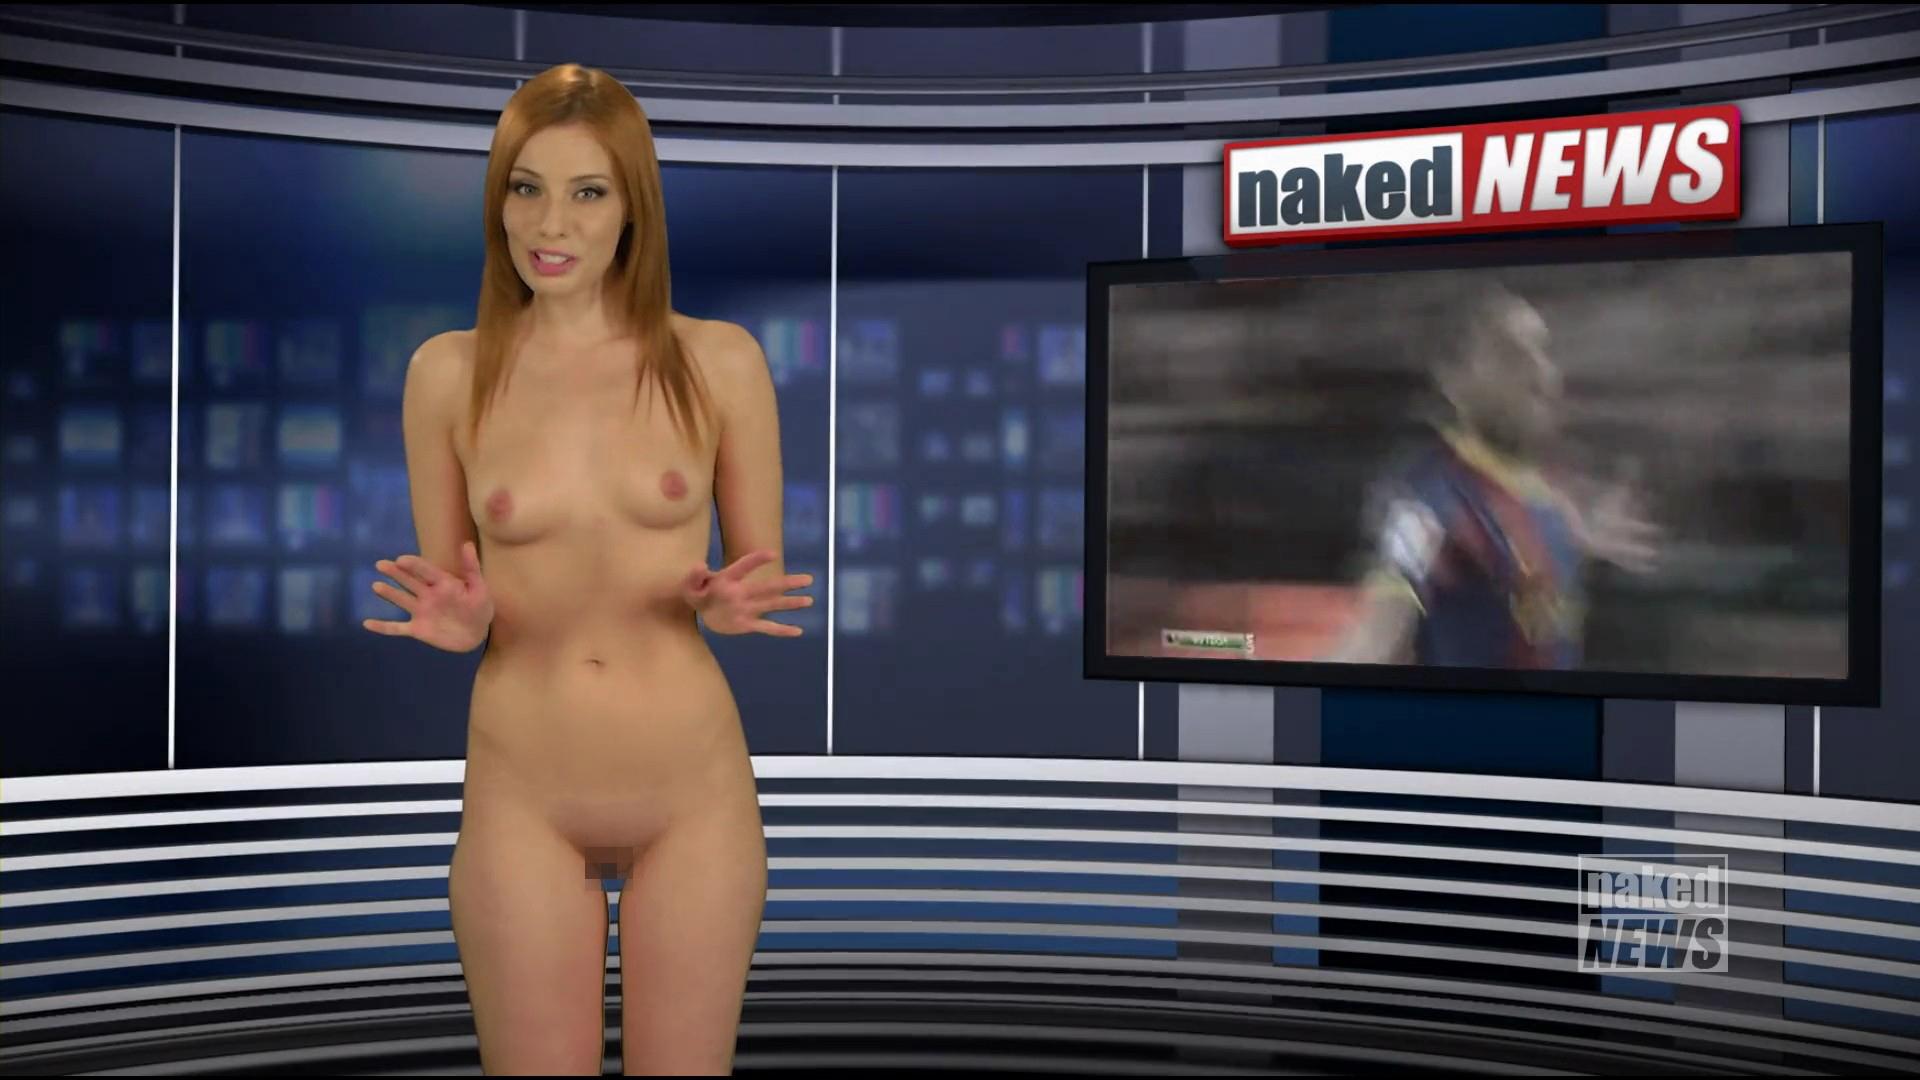 【悲報】海外の女子アナさん、全裸報道で視聴率を稼ぐwwwwwwwwwwww(画像あり)・25枚目